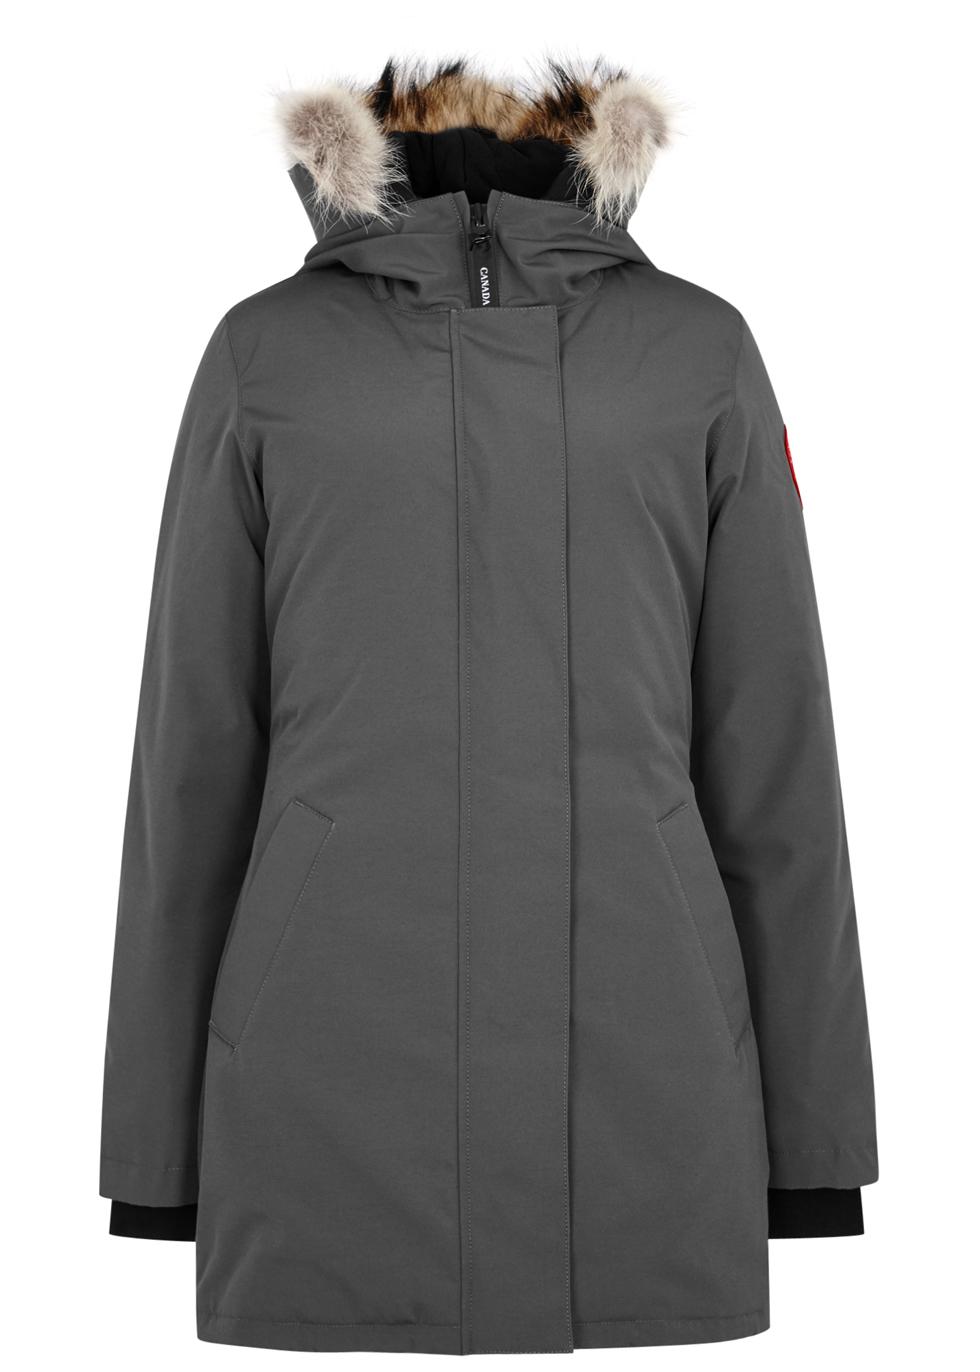 904fde89d0646 Designer Coats - Women's Winter Coats - Harvey Nichols